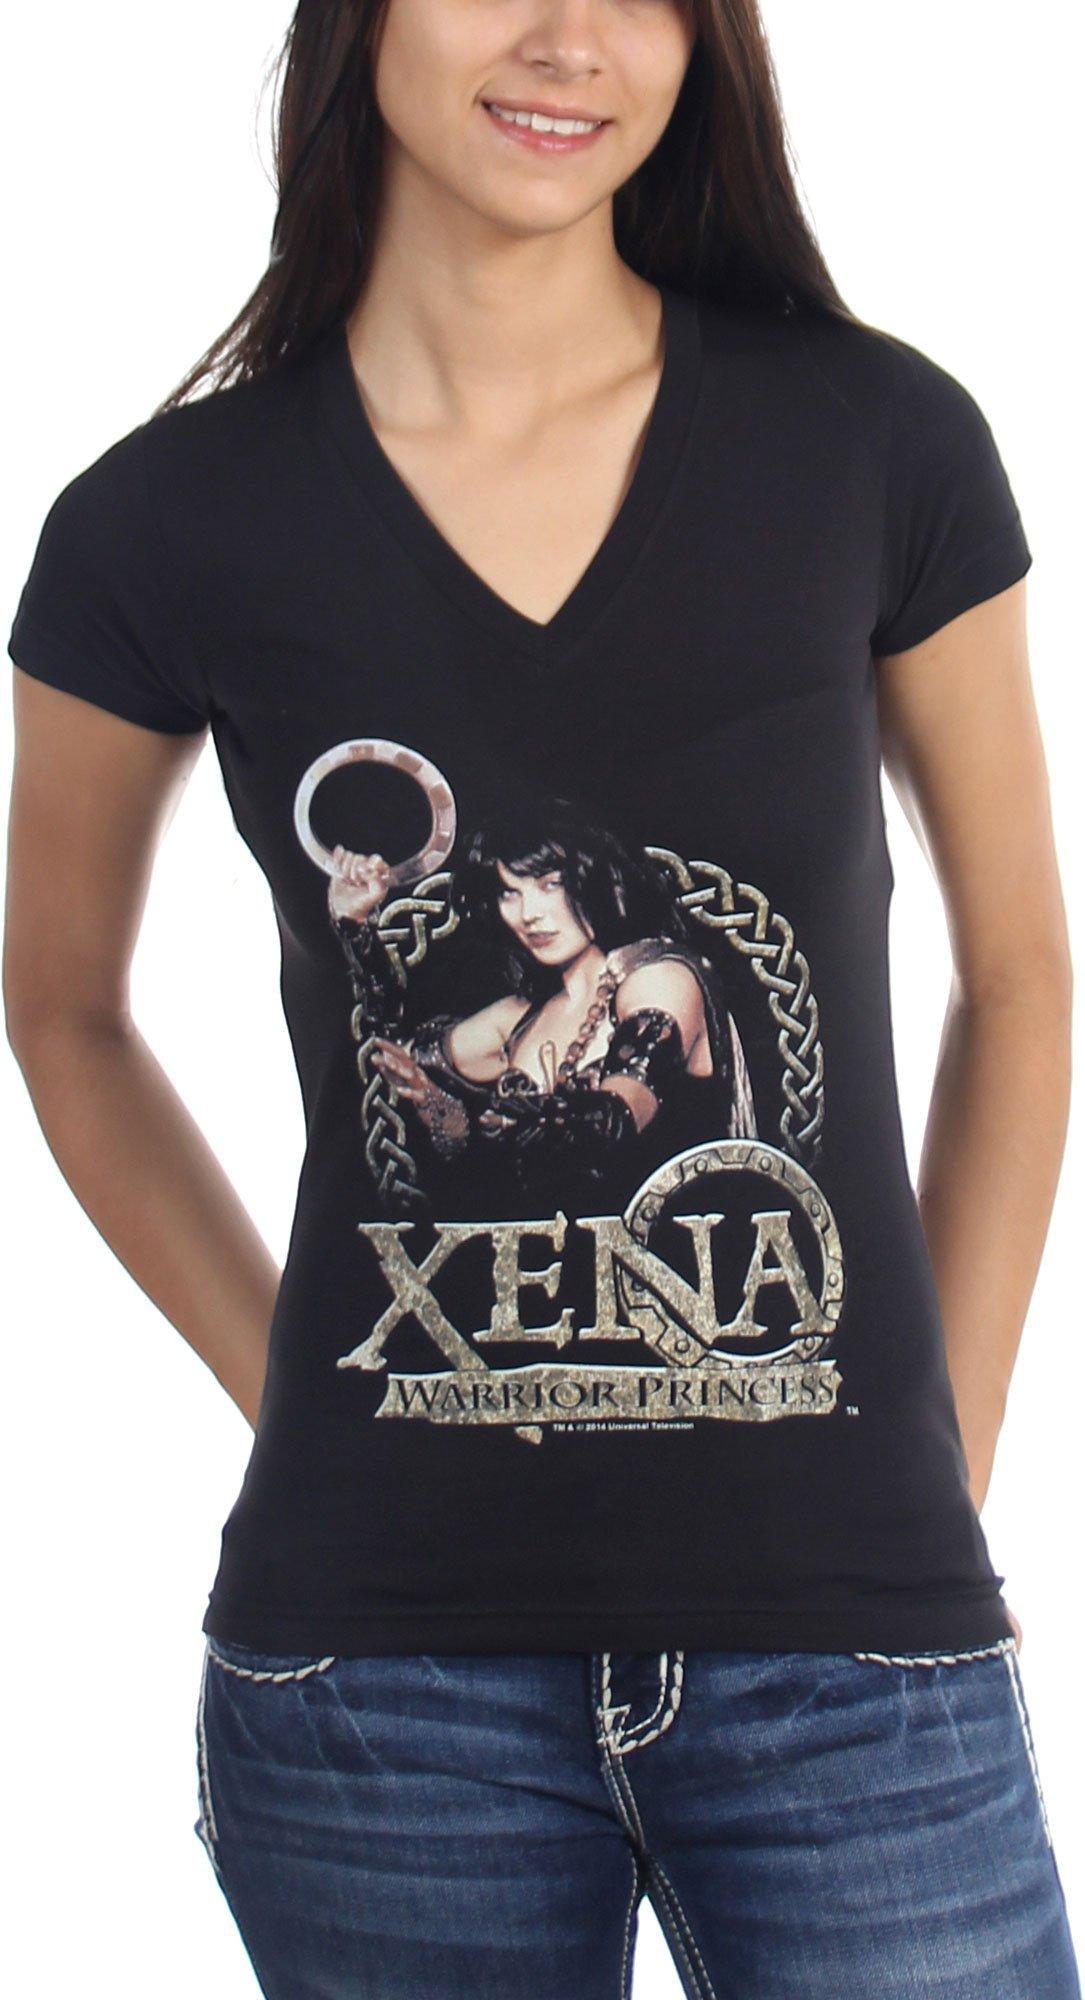 Xena Warrior Princess Royalty Vneck Tshirt Color Black